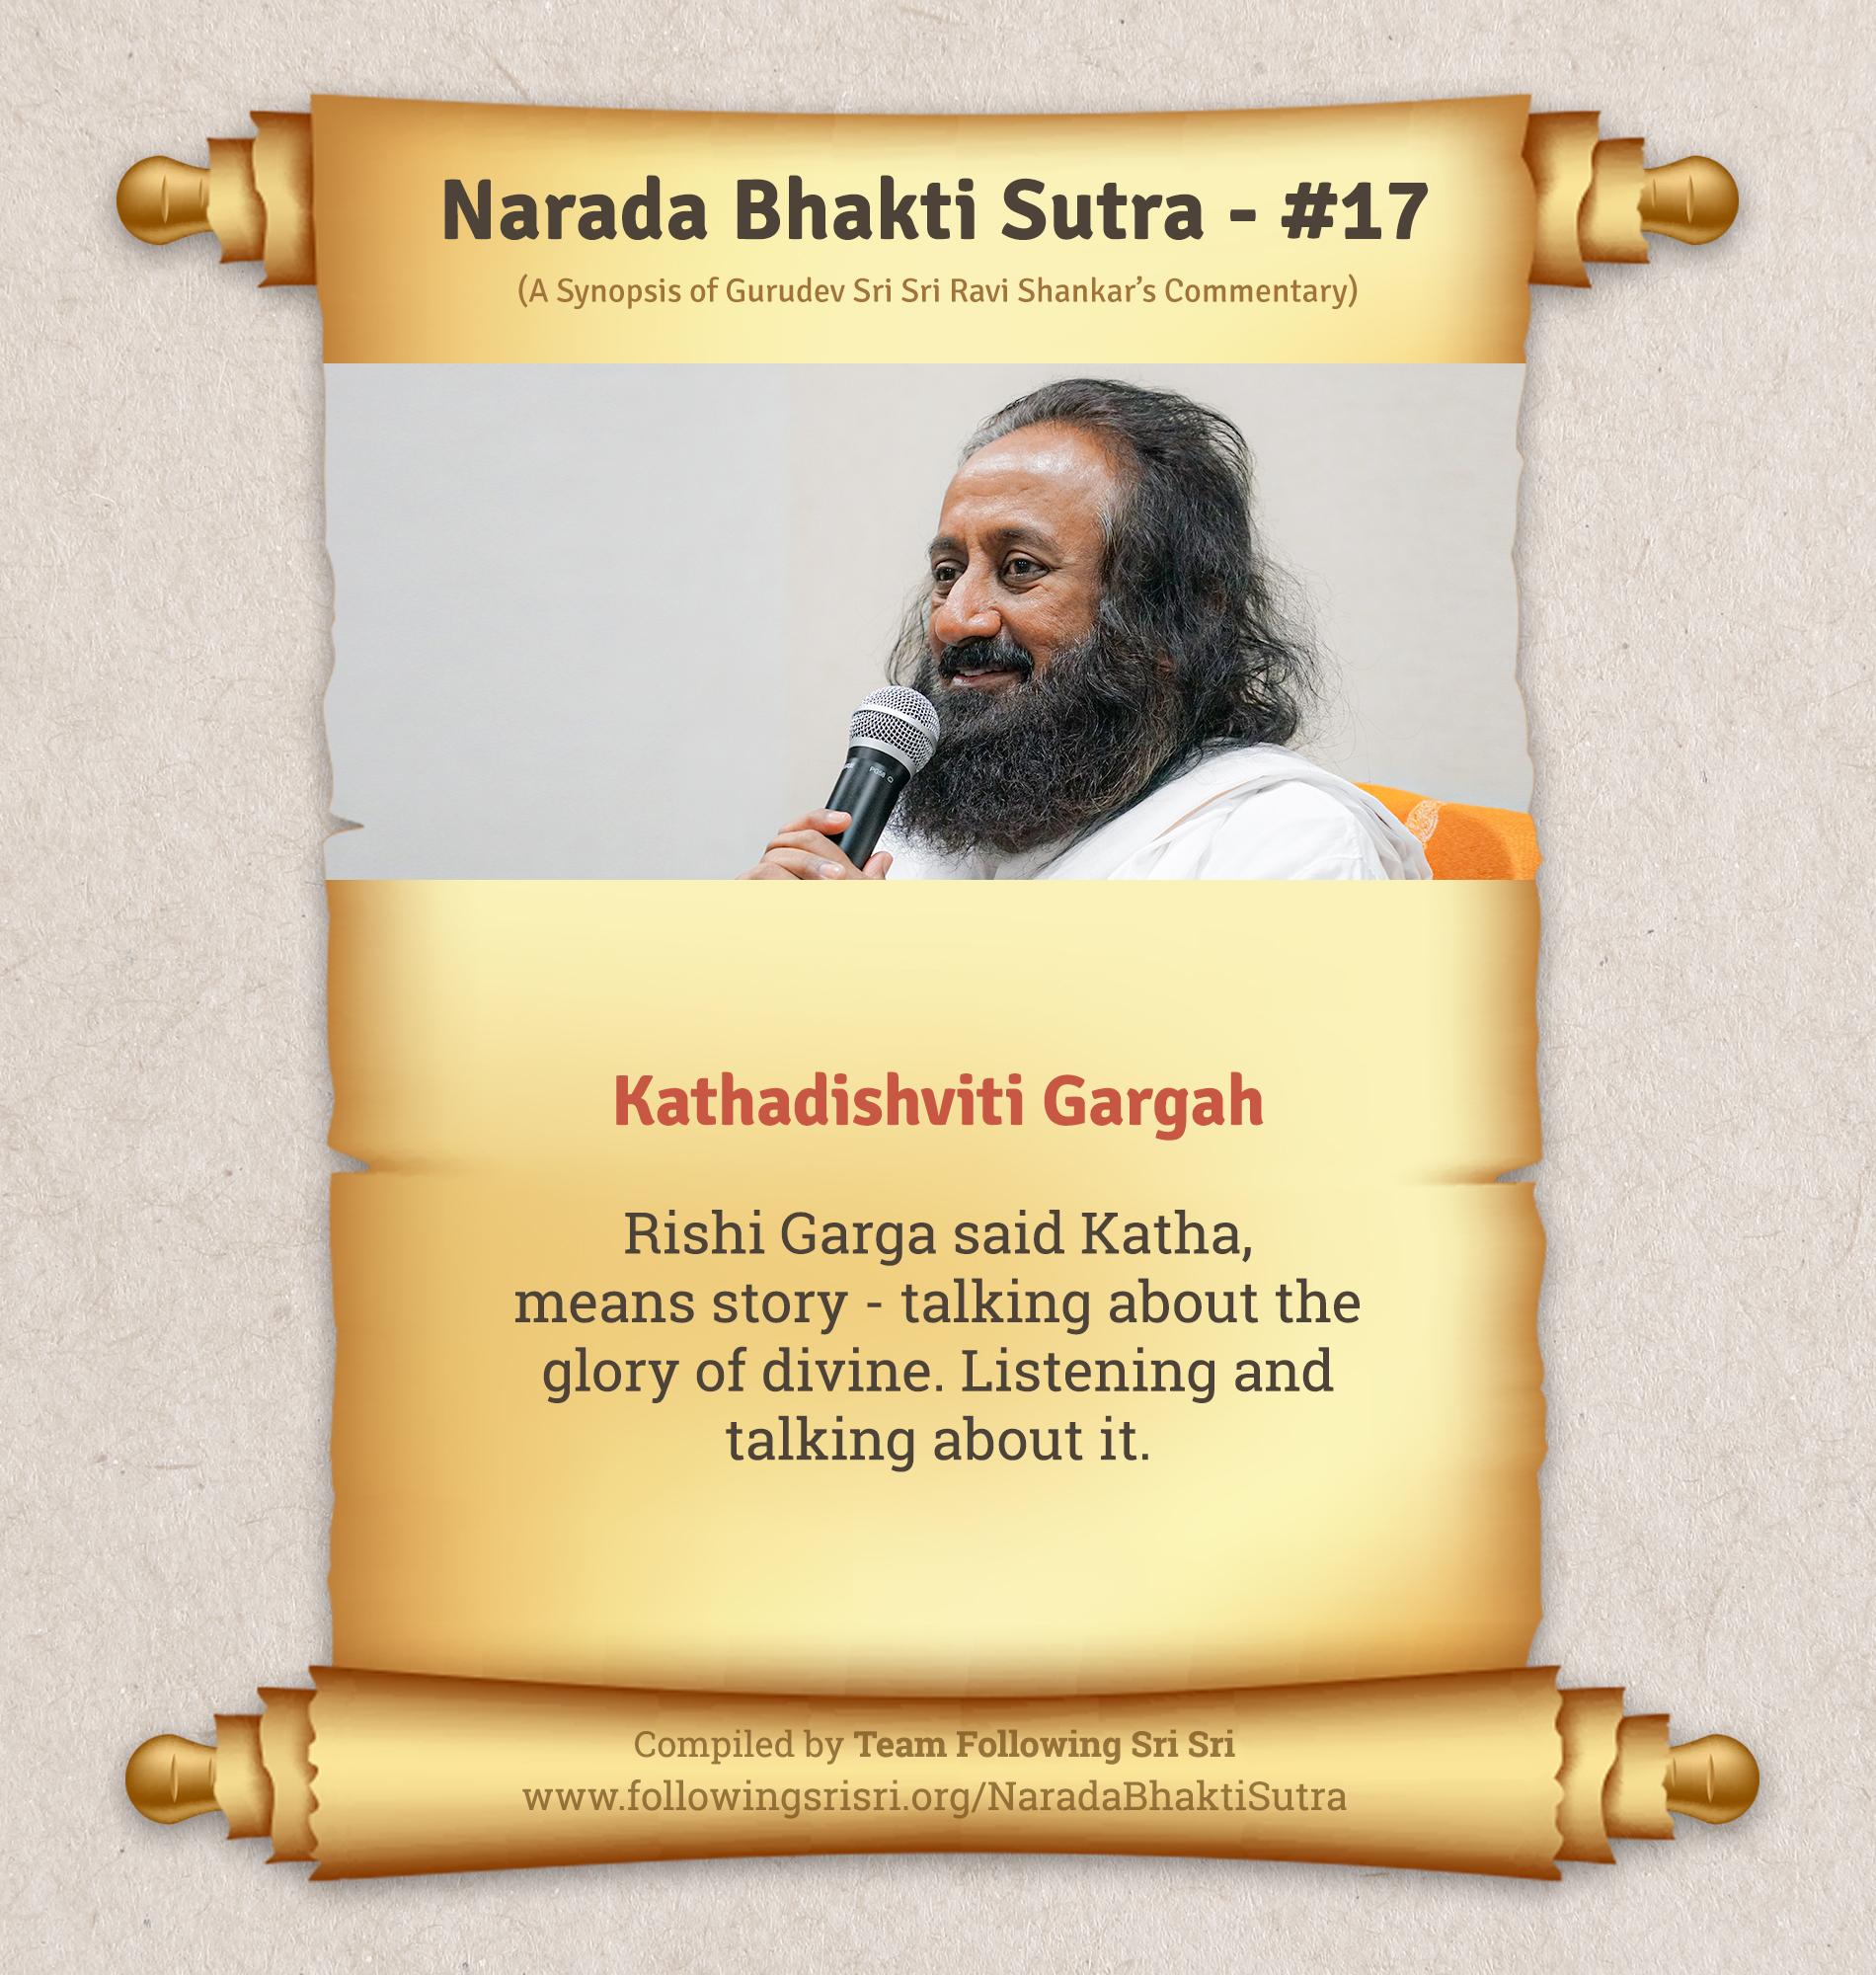 Narada Bhakti Sutras - Sutra 17